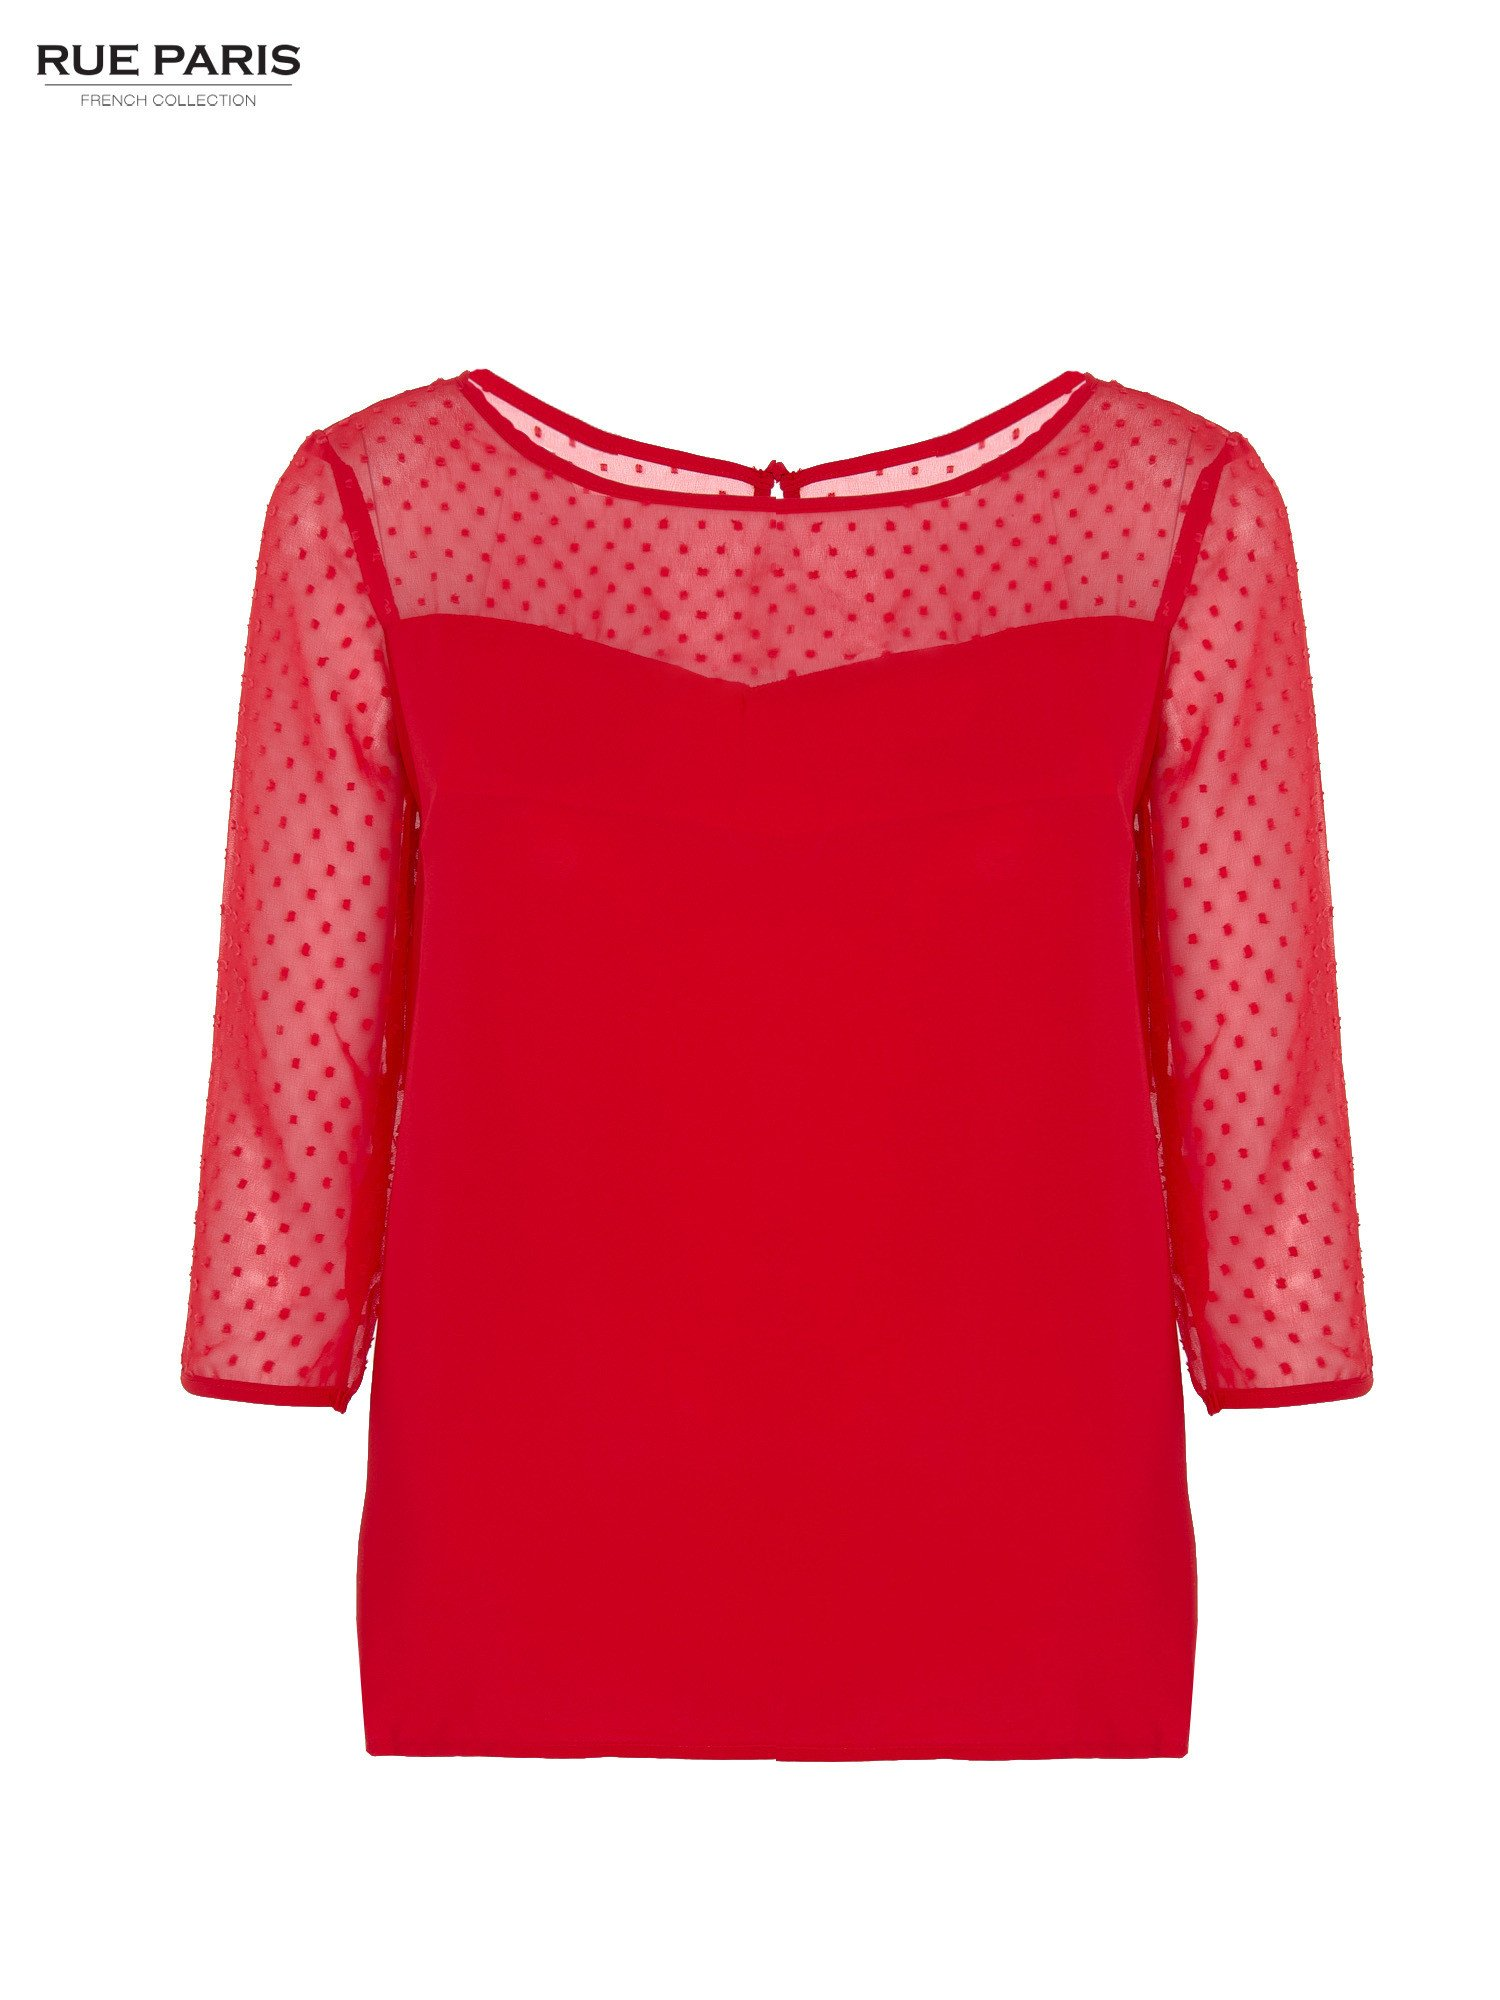 Czerwona koszula z przezroczystym materiałem w groszki                                  zdj.                                  1